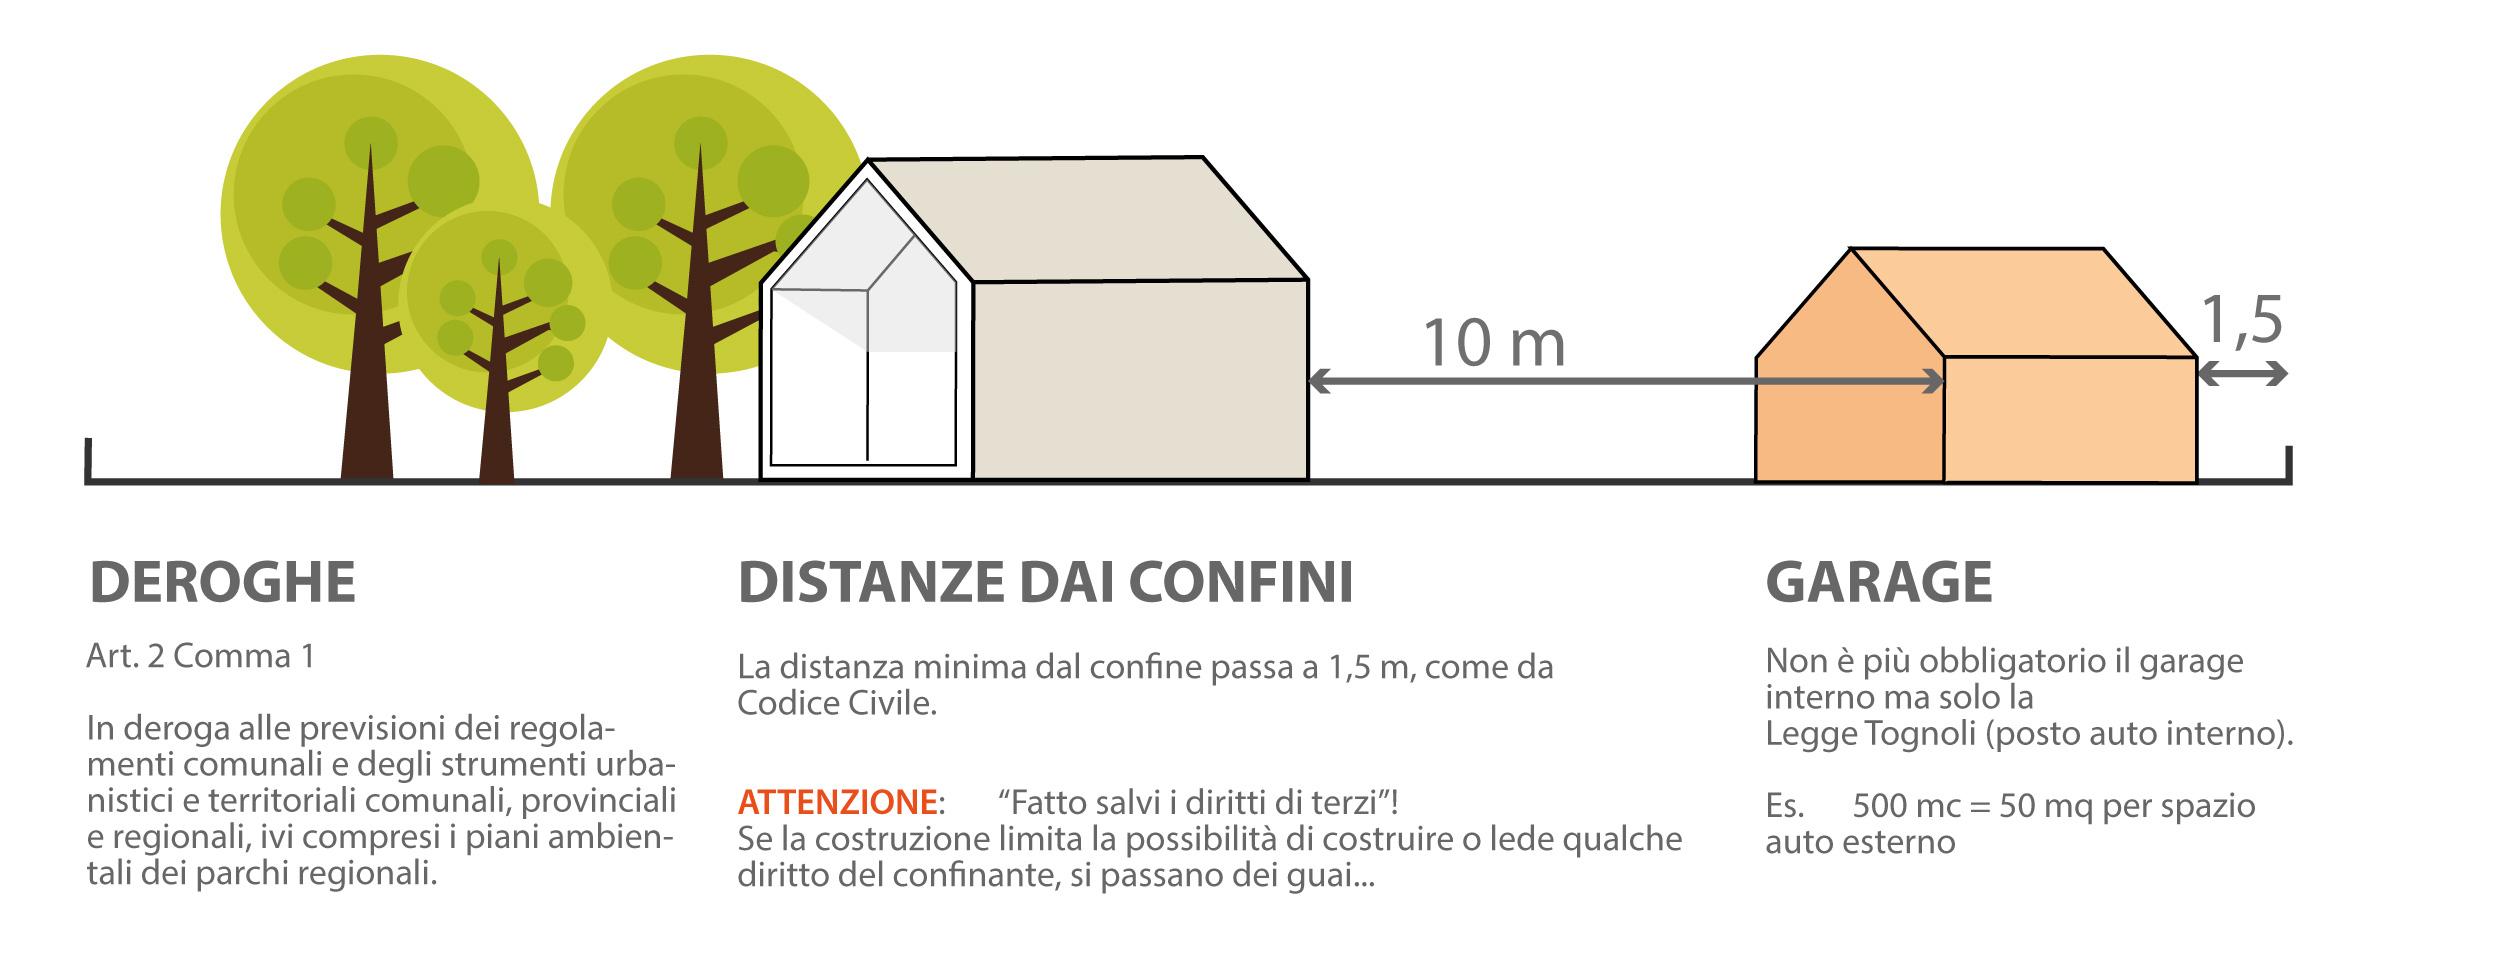 Piano casa veneto mini guida e 4 esempi geom paolo gollo - Legge piano casa marche ...